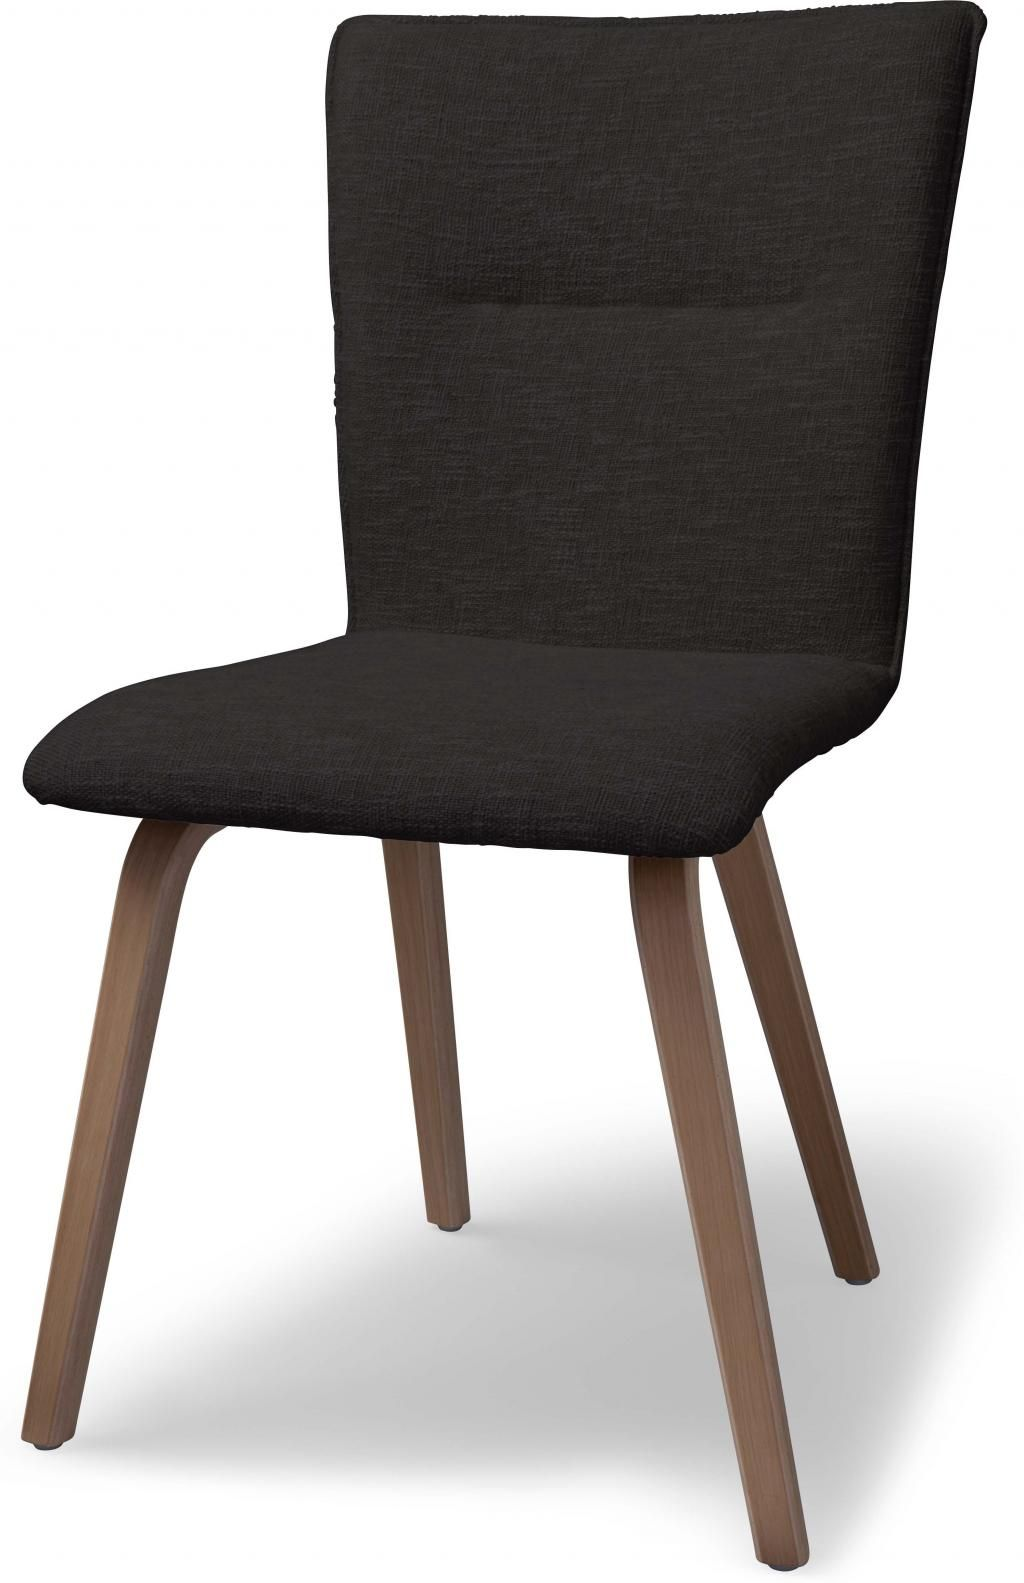 Stuhl time skandinavisch eiche anthrazit dyyk wohnzimmer pinterest - Stuhl skandinavisch ...